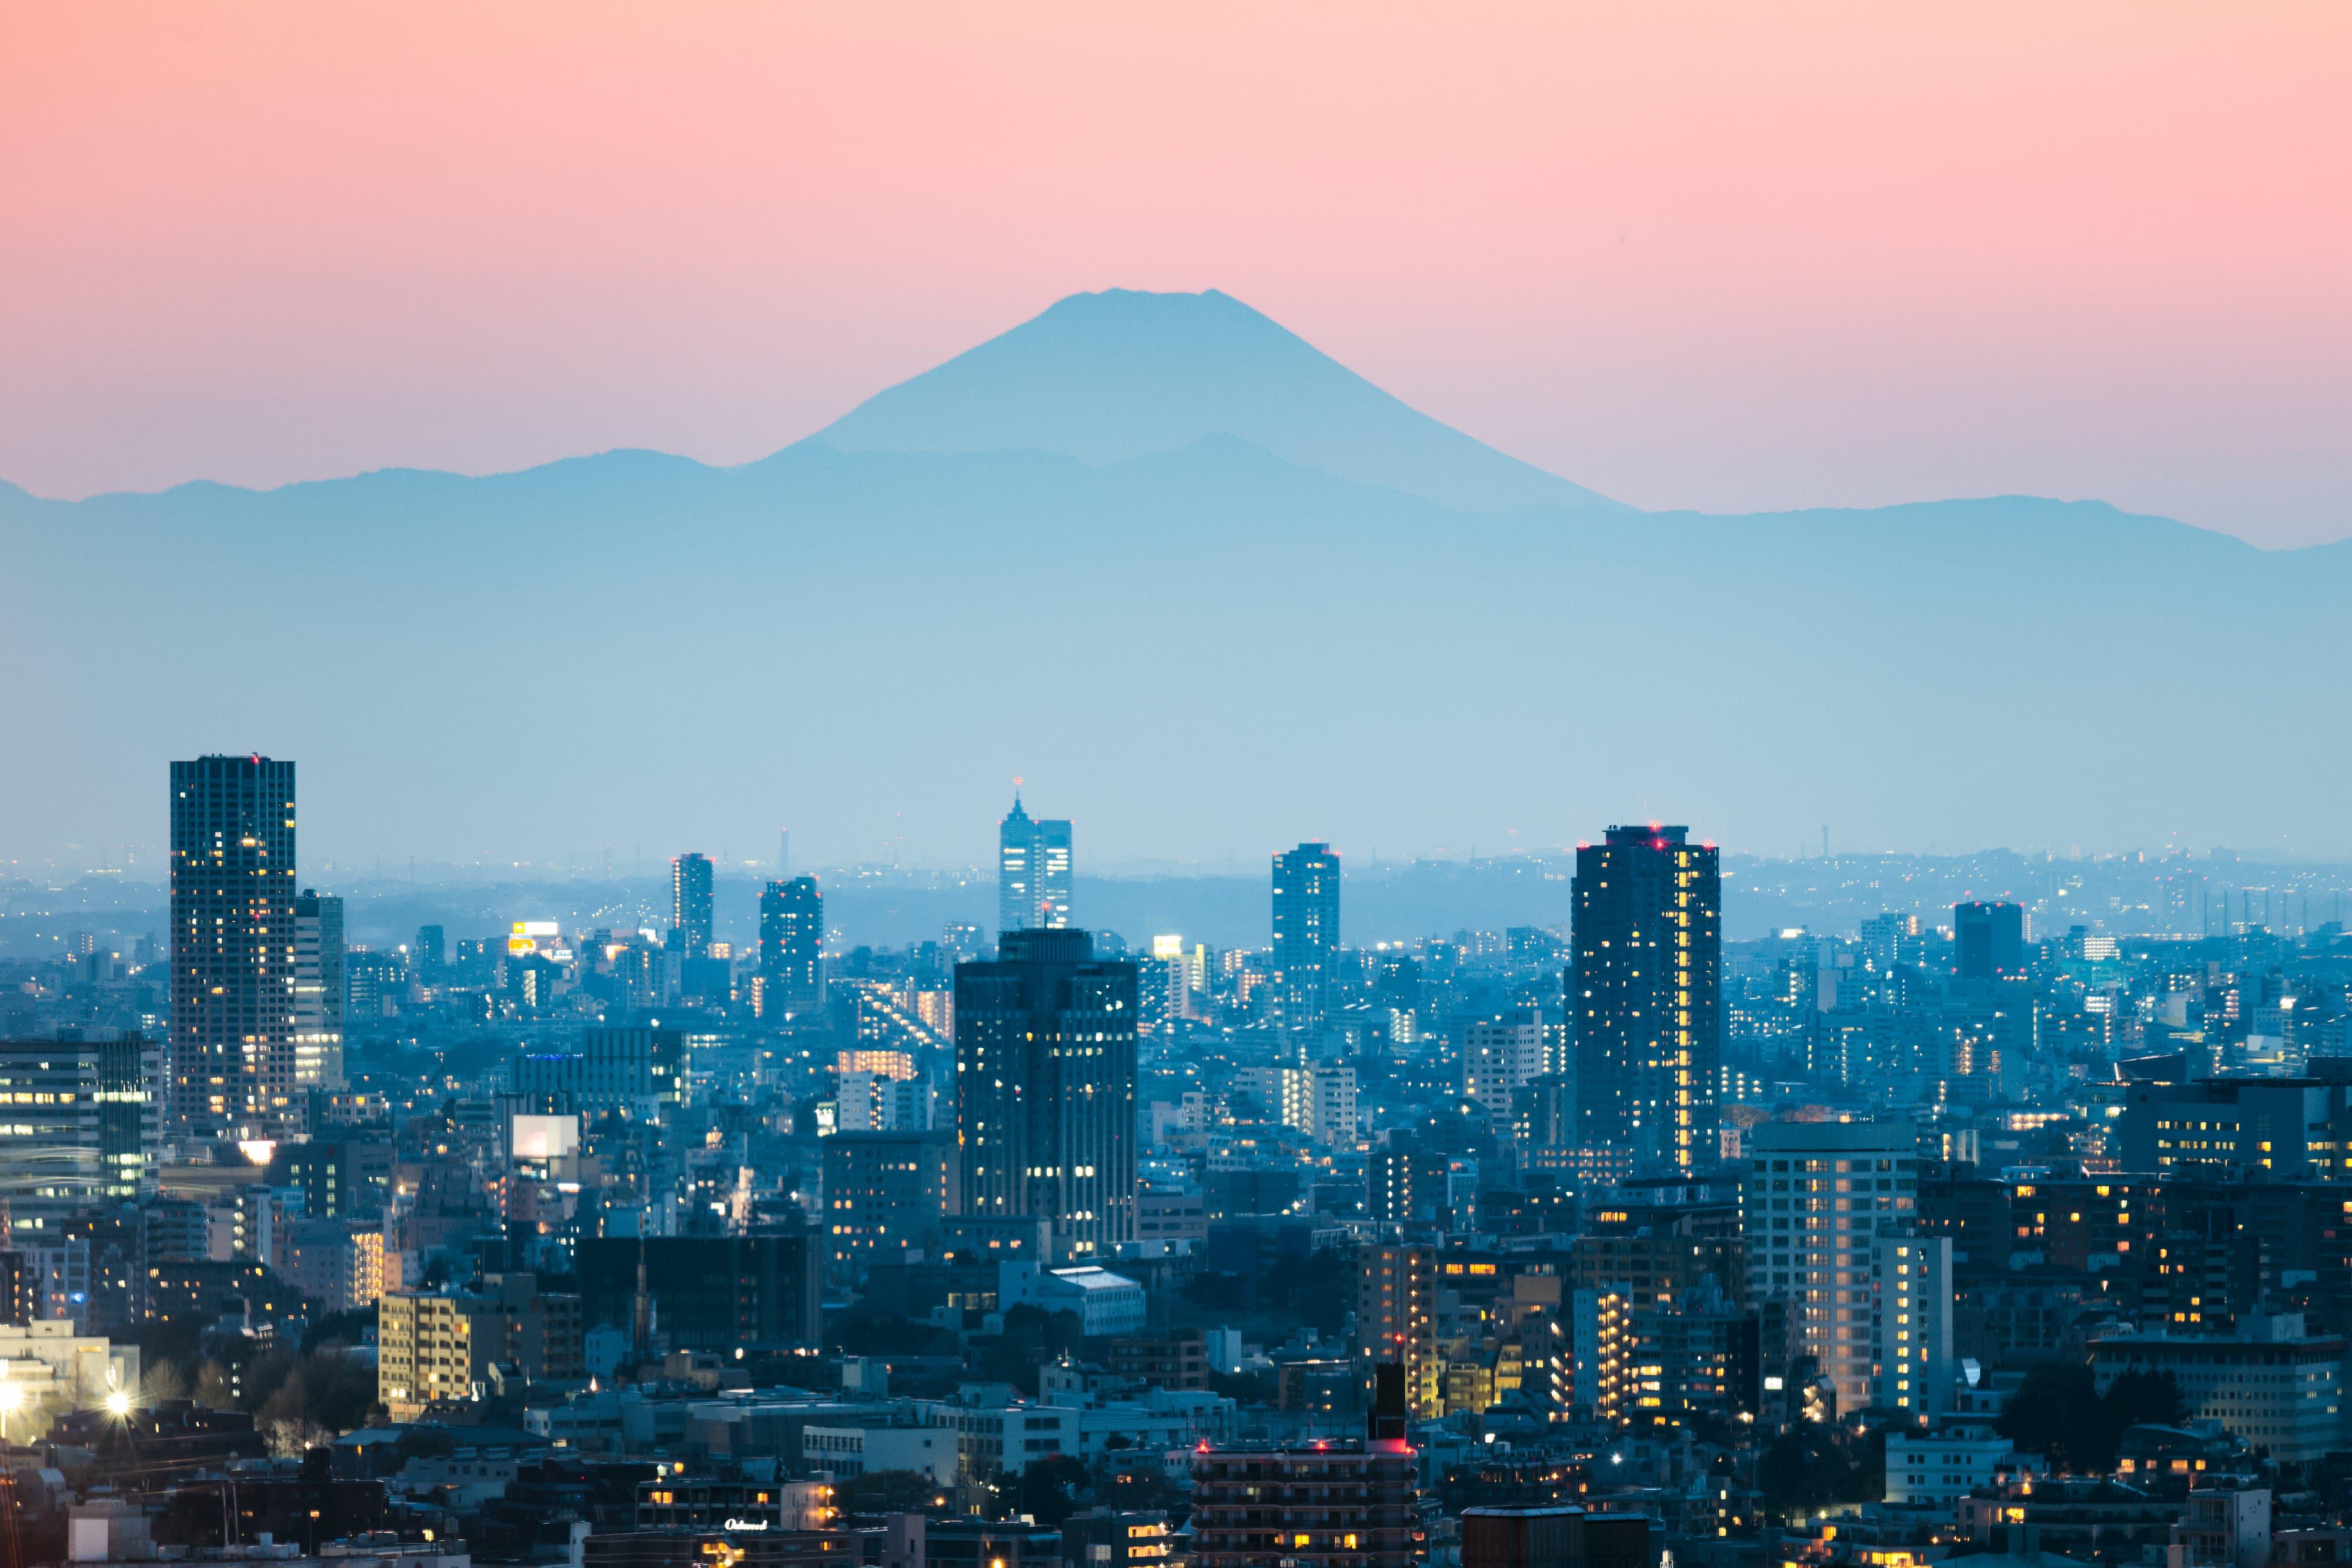 Conheça Tóquio: palco das Olimpíadas em 2020